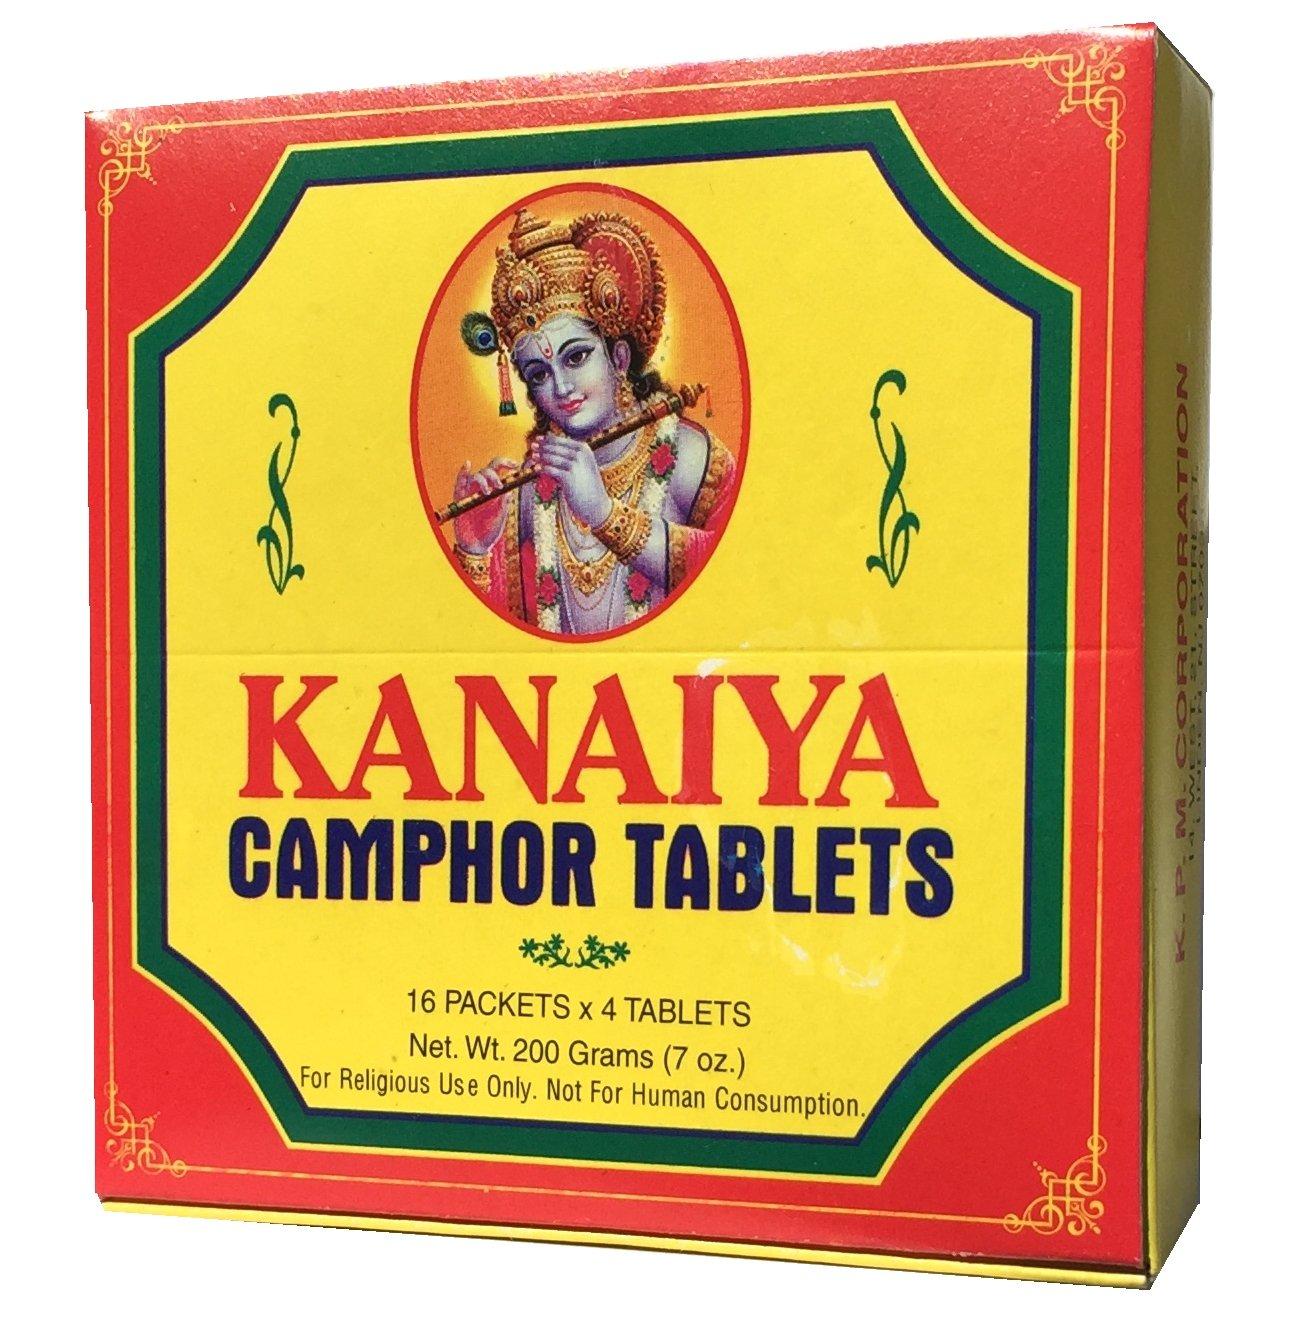 Camphor Tablets from India - 200 grams - 64 tablets (16 blocks of 4) - Kanaiya Brand